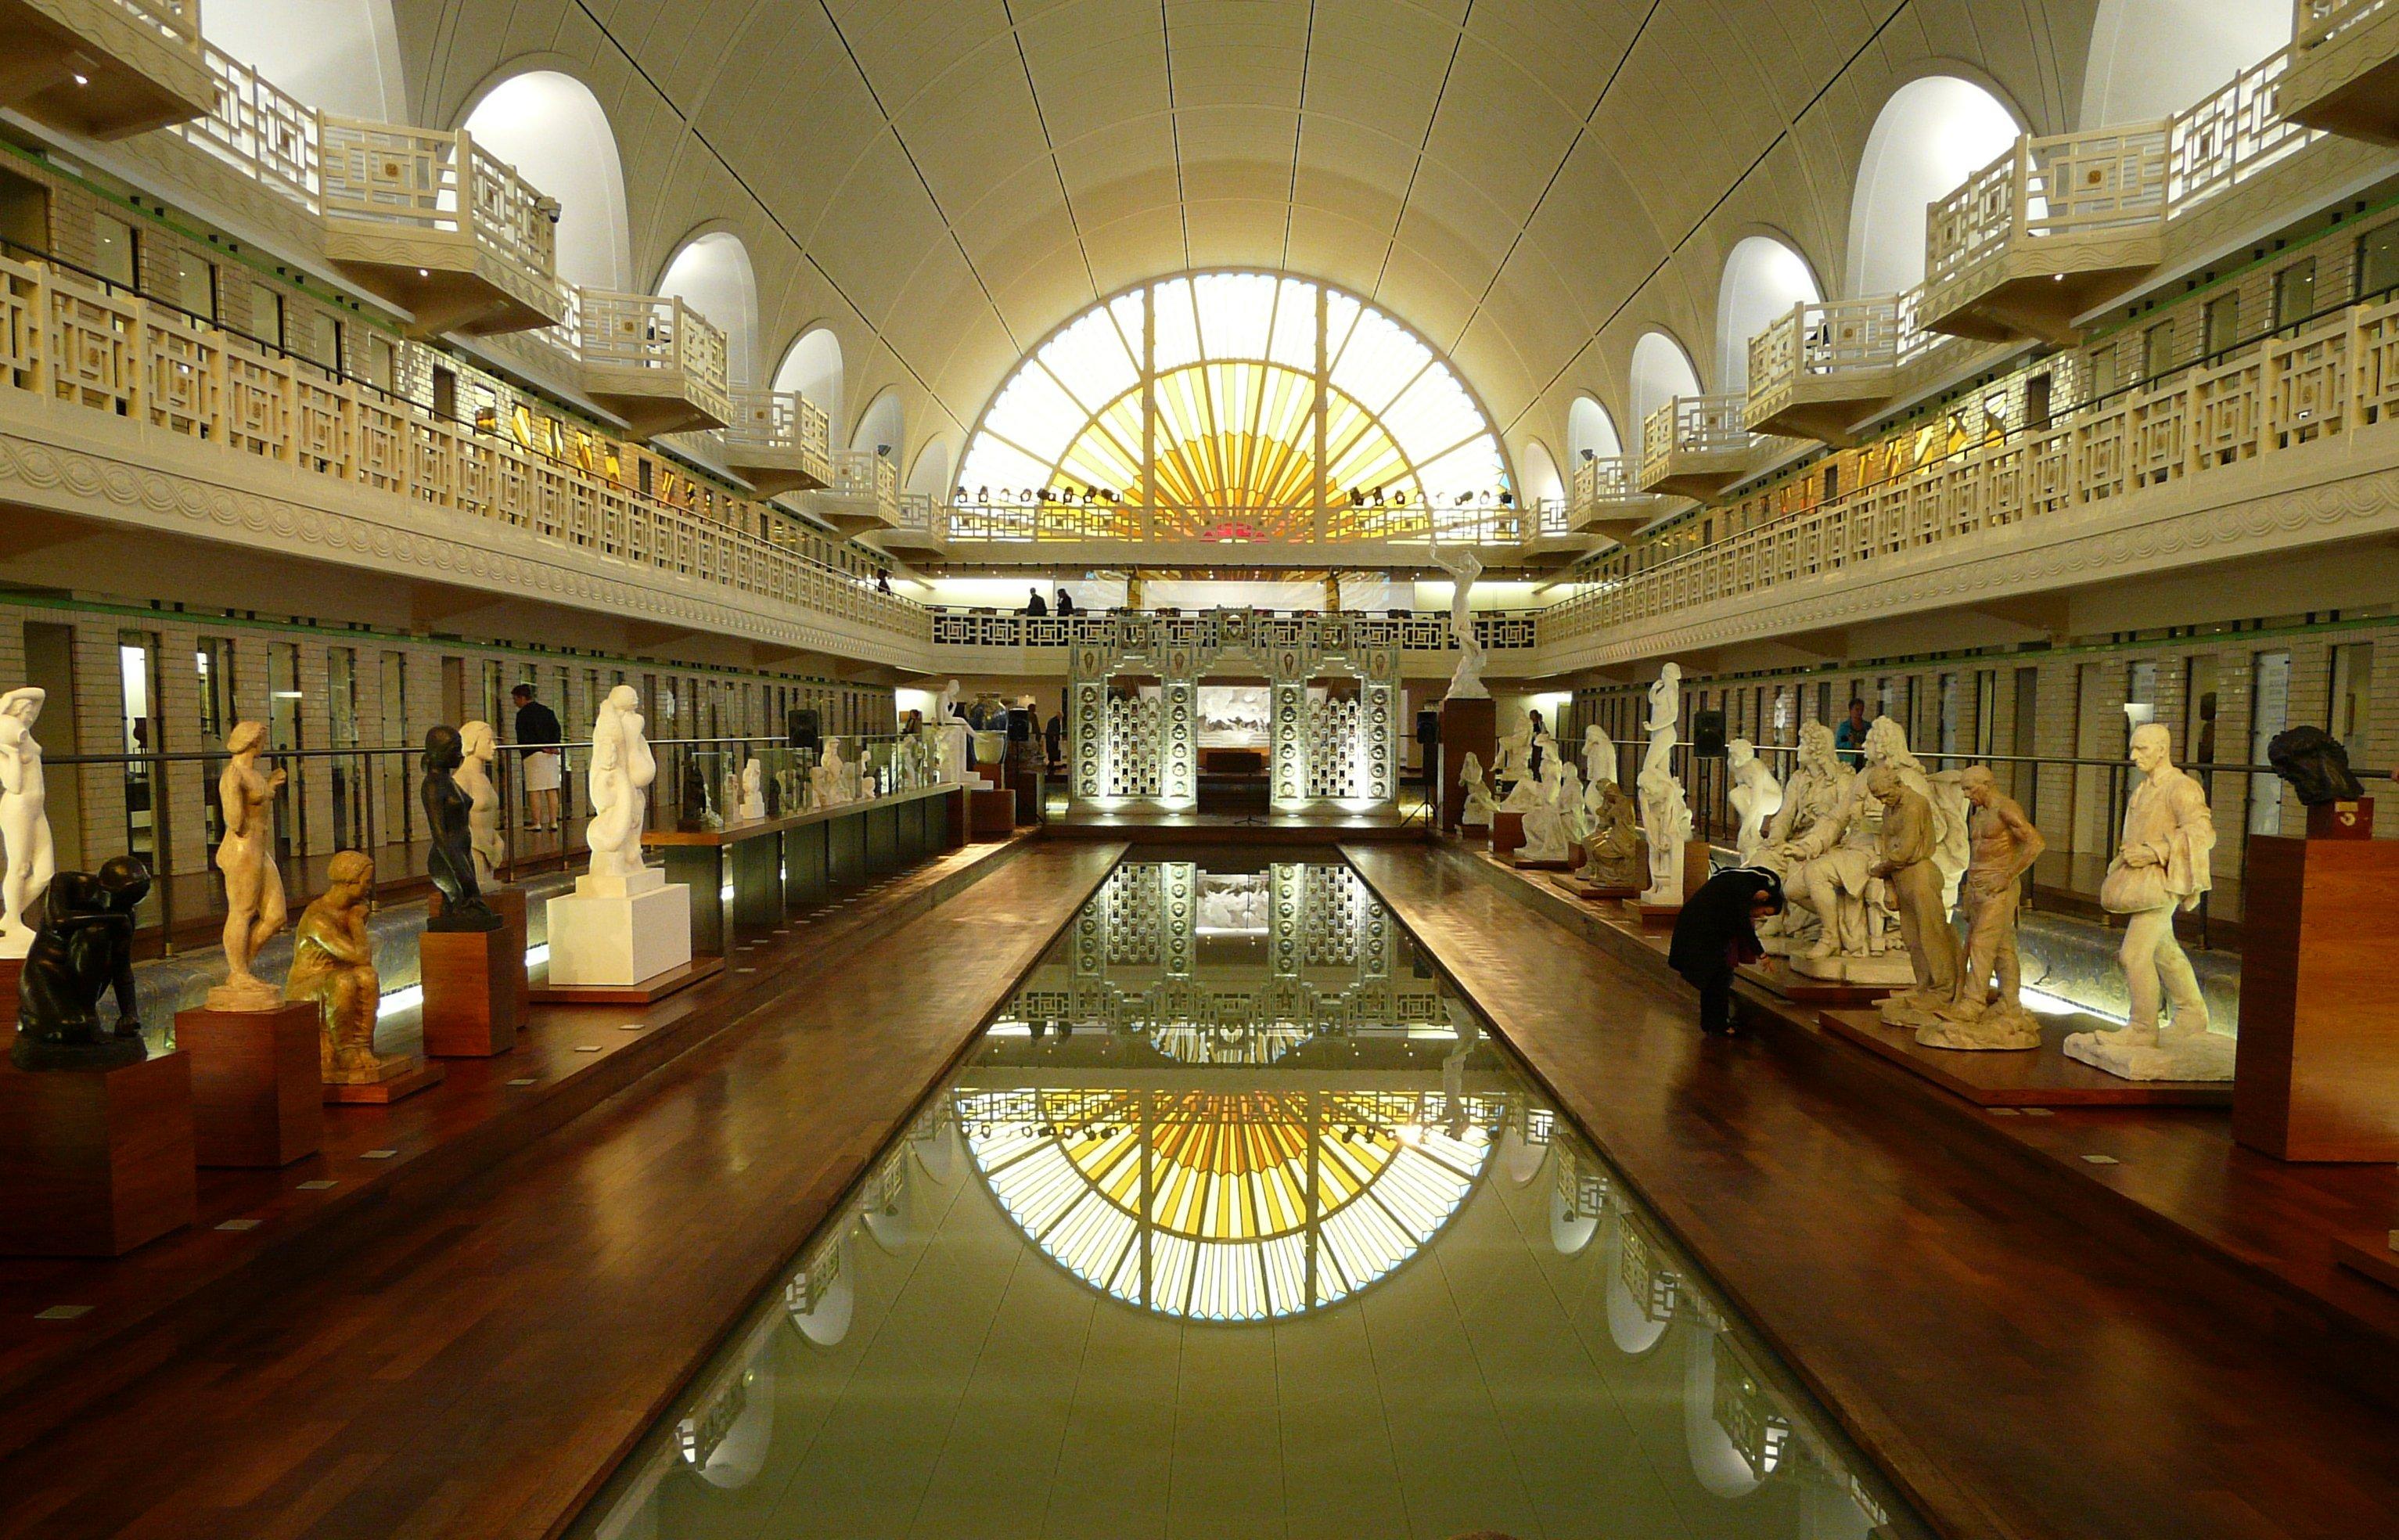 La piscine musee d 39 art et d 39 industrie roubaix - Musee la piscine roubaix ...